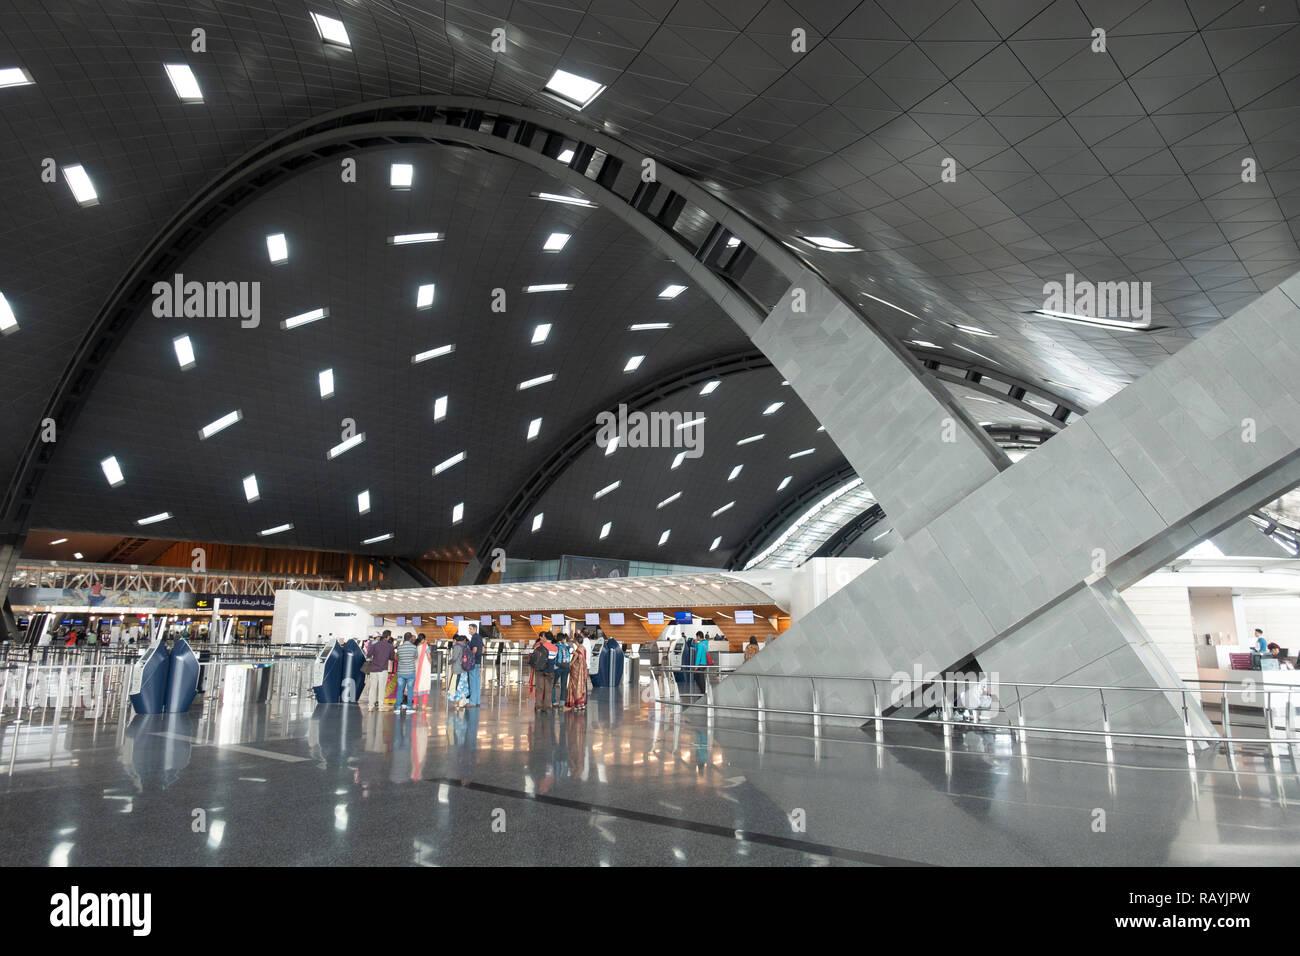 Intérieur de l'Aéroport International Hamad moderne inn Doha, Qatar Banque D'Images